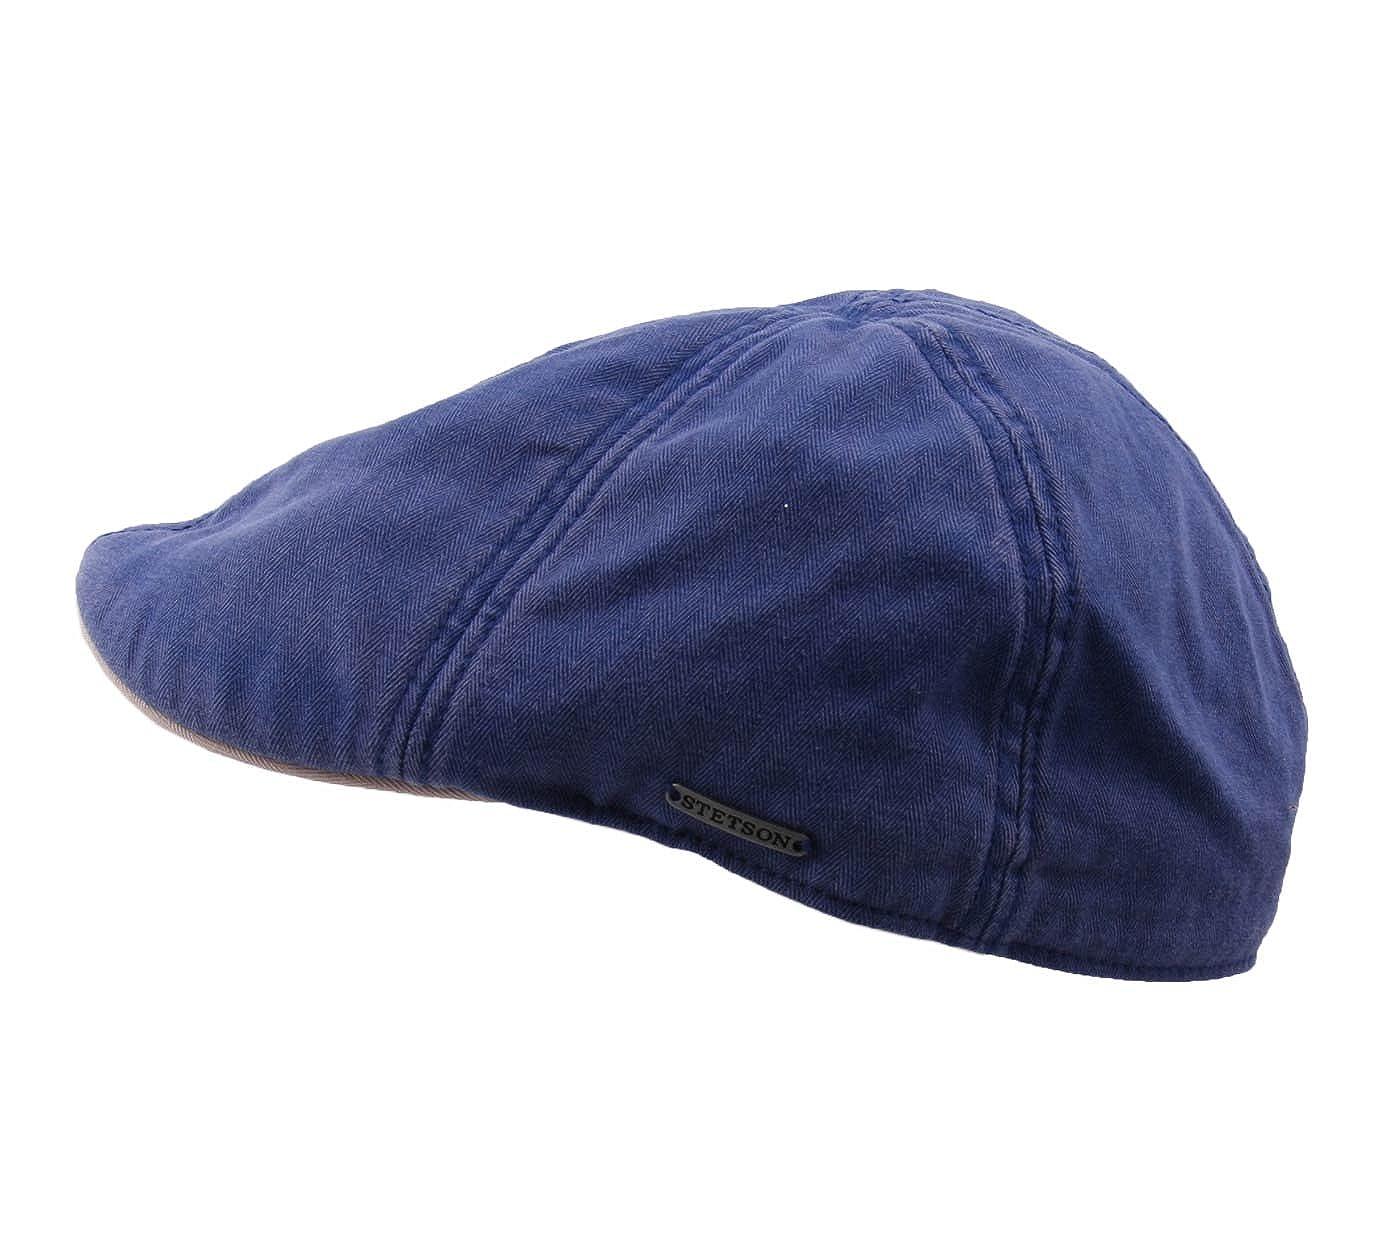 4ebc114a3ee9 Stetson - Béret - casquette plate - 2 Coloris - homme ou femme Texas ...